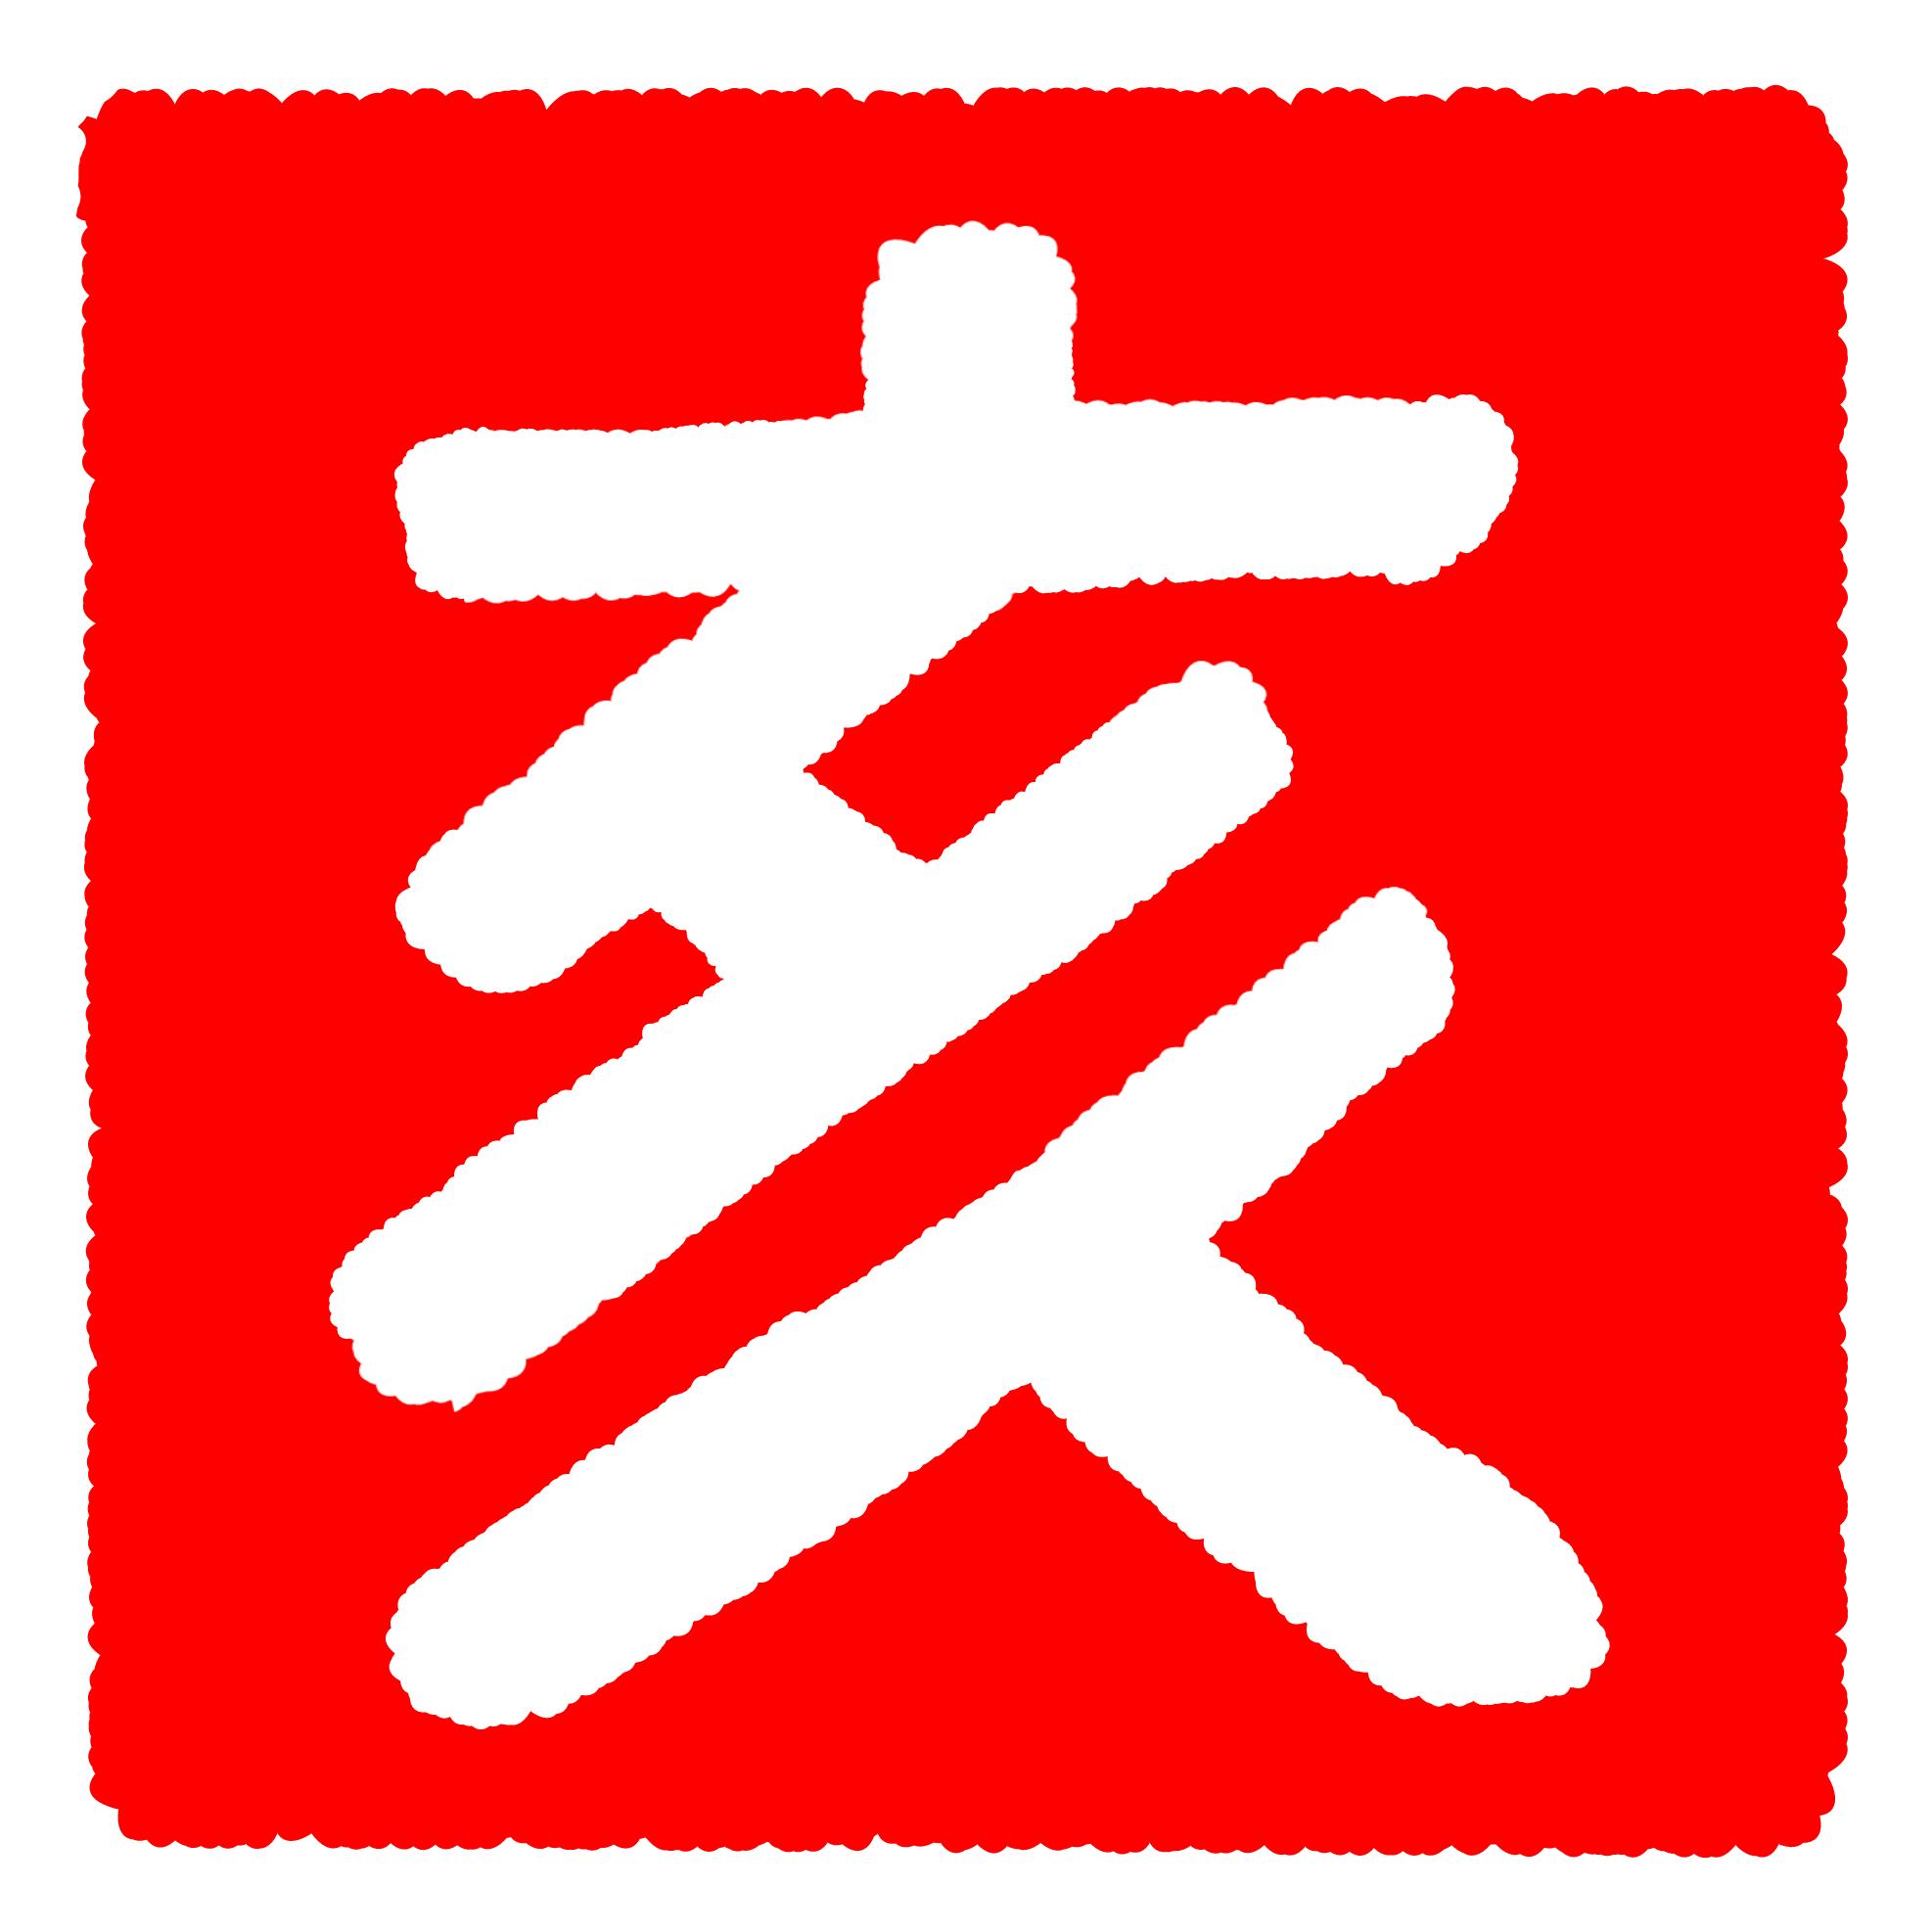 年賀状素材】亥年イノシシ文字はんこイラスト☆漢字スタンプ角判と丸判